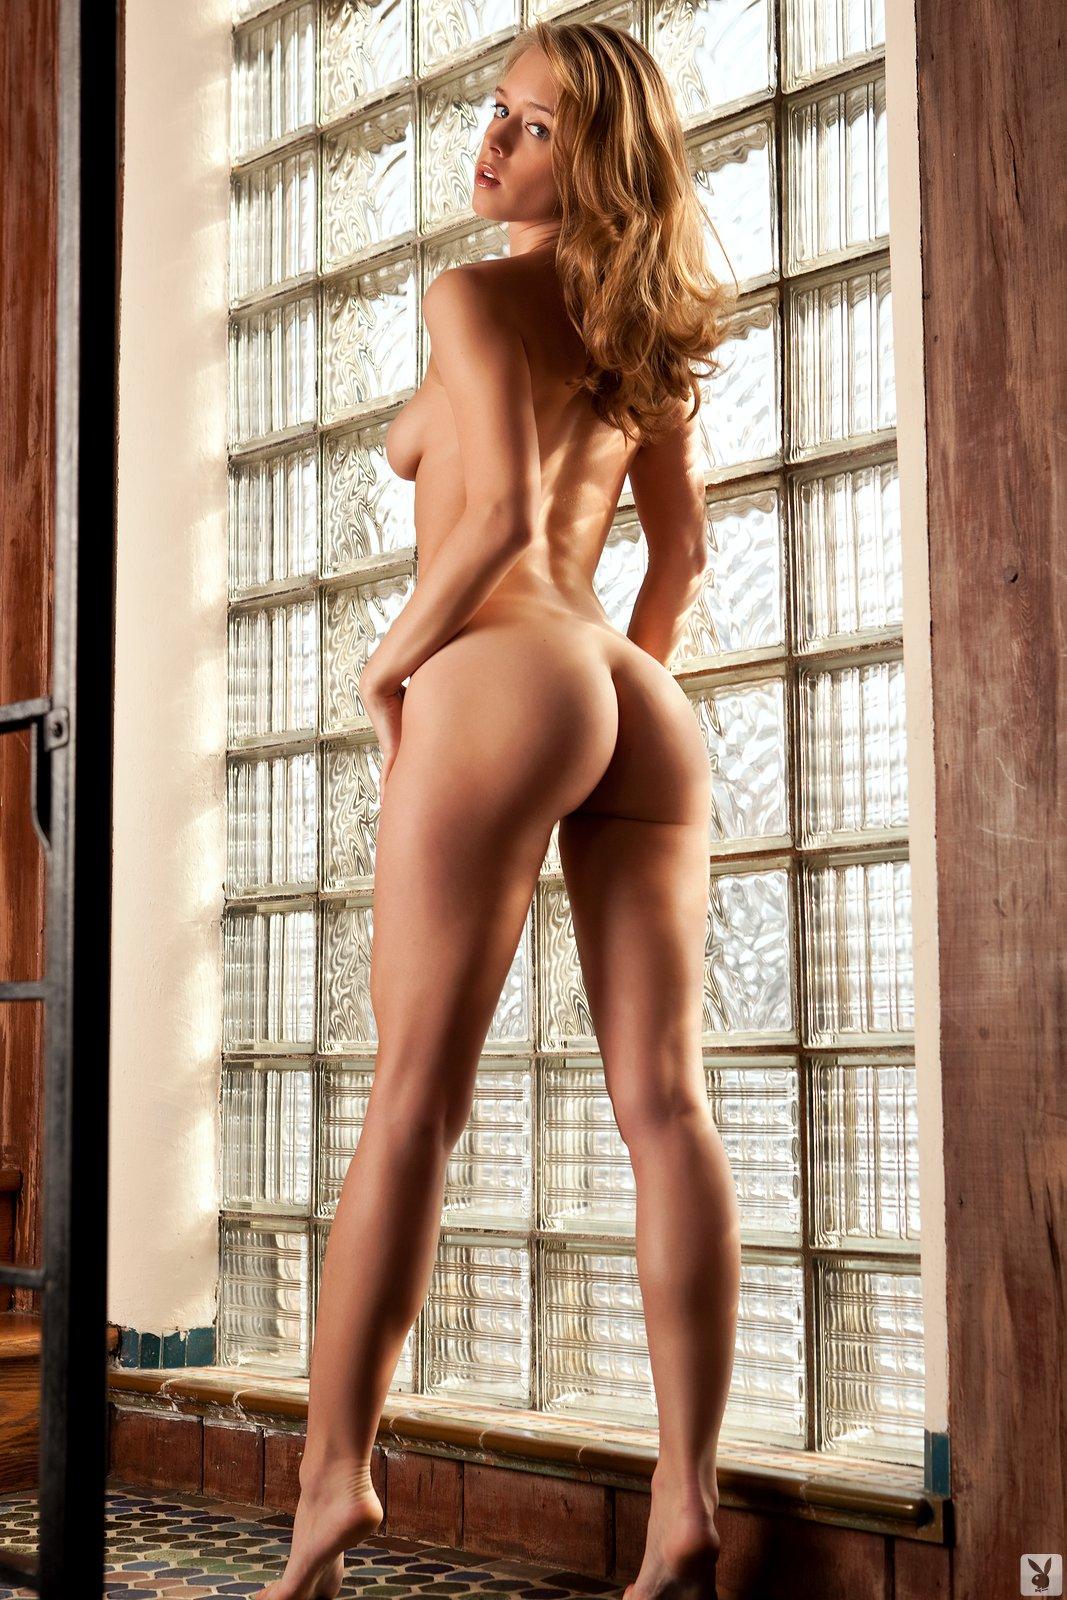 Nude laura Nude Celebrities